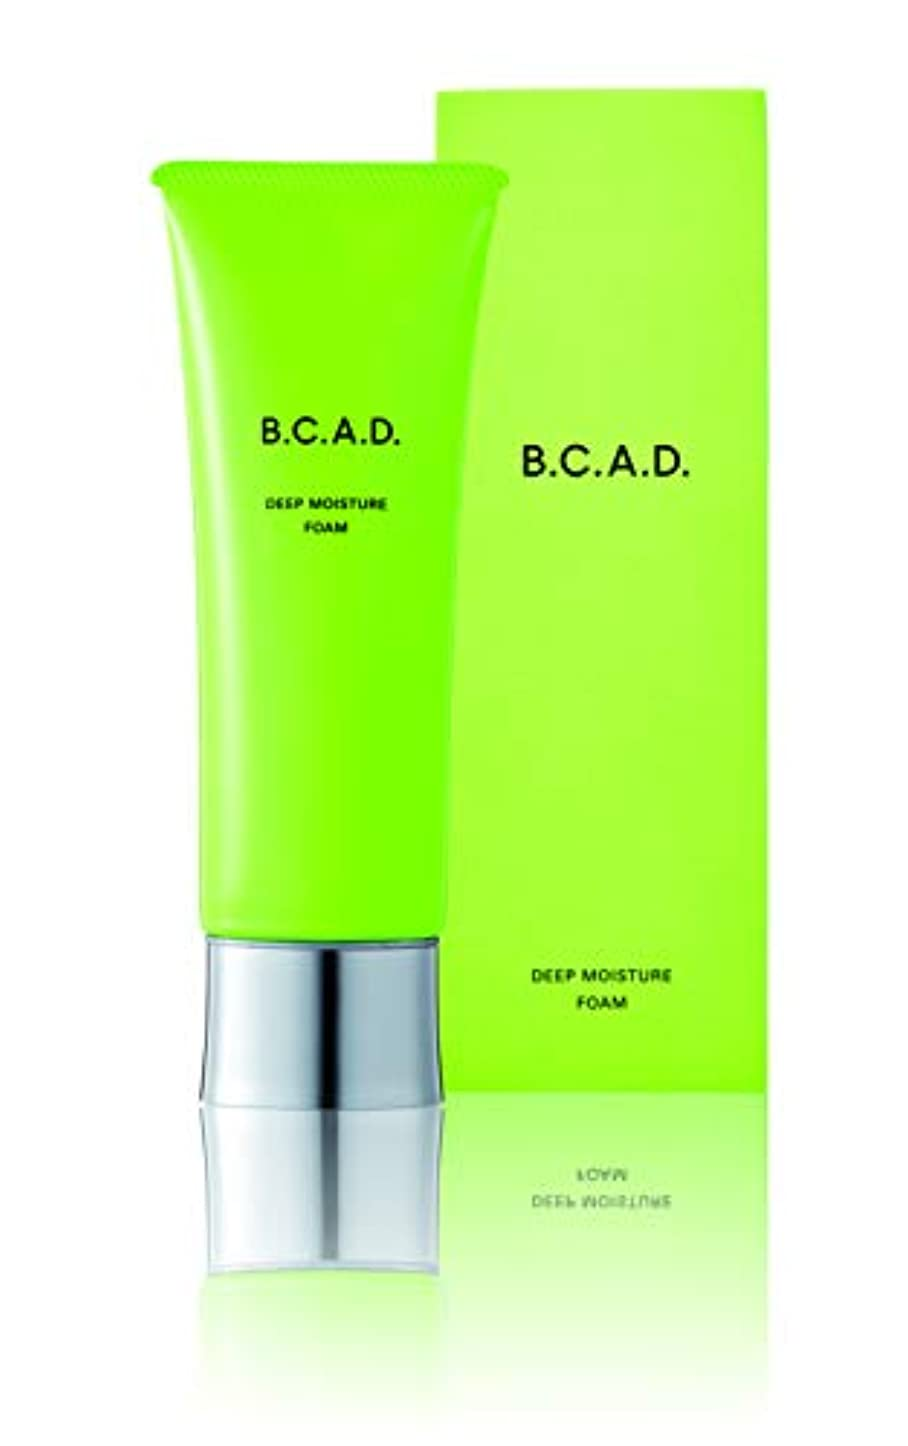 ホテル盲信マニュアルビーシーエーディー(B.C.A.D.) B.C.A.D.(ビーシーエーディー) ディープモイスチャーフォームa 120g 洗顔